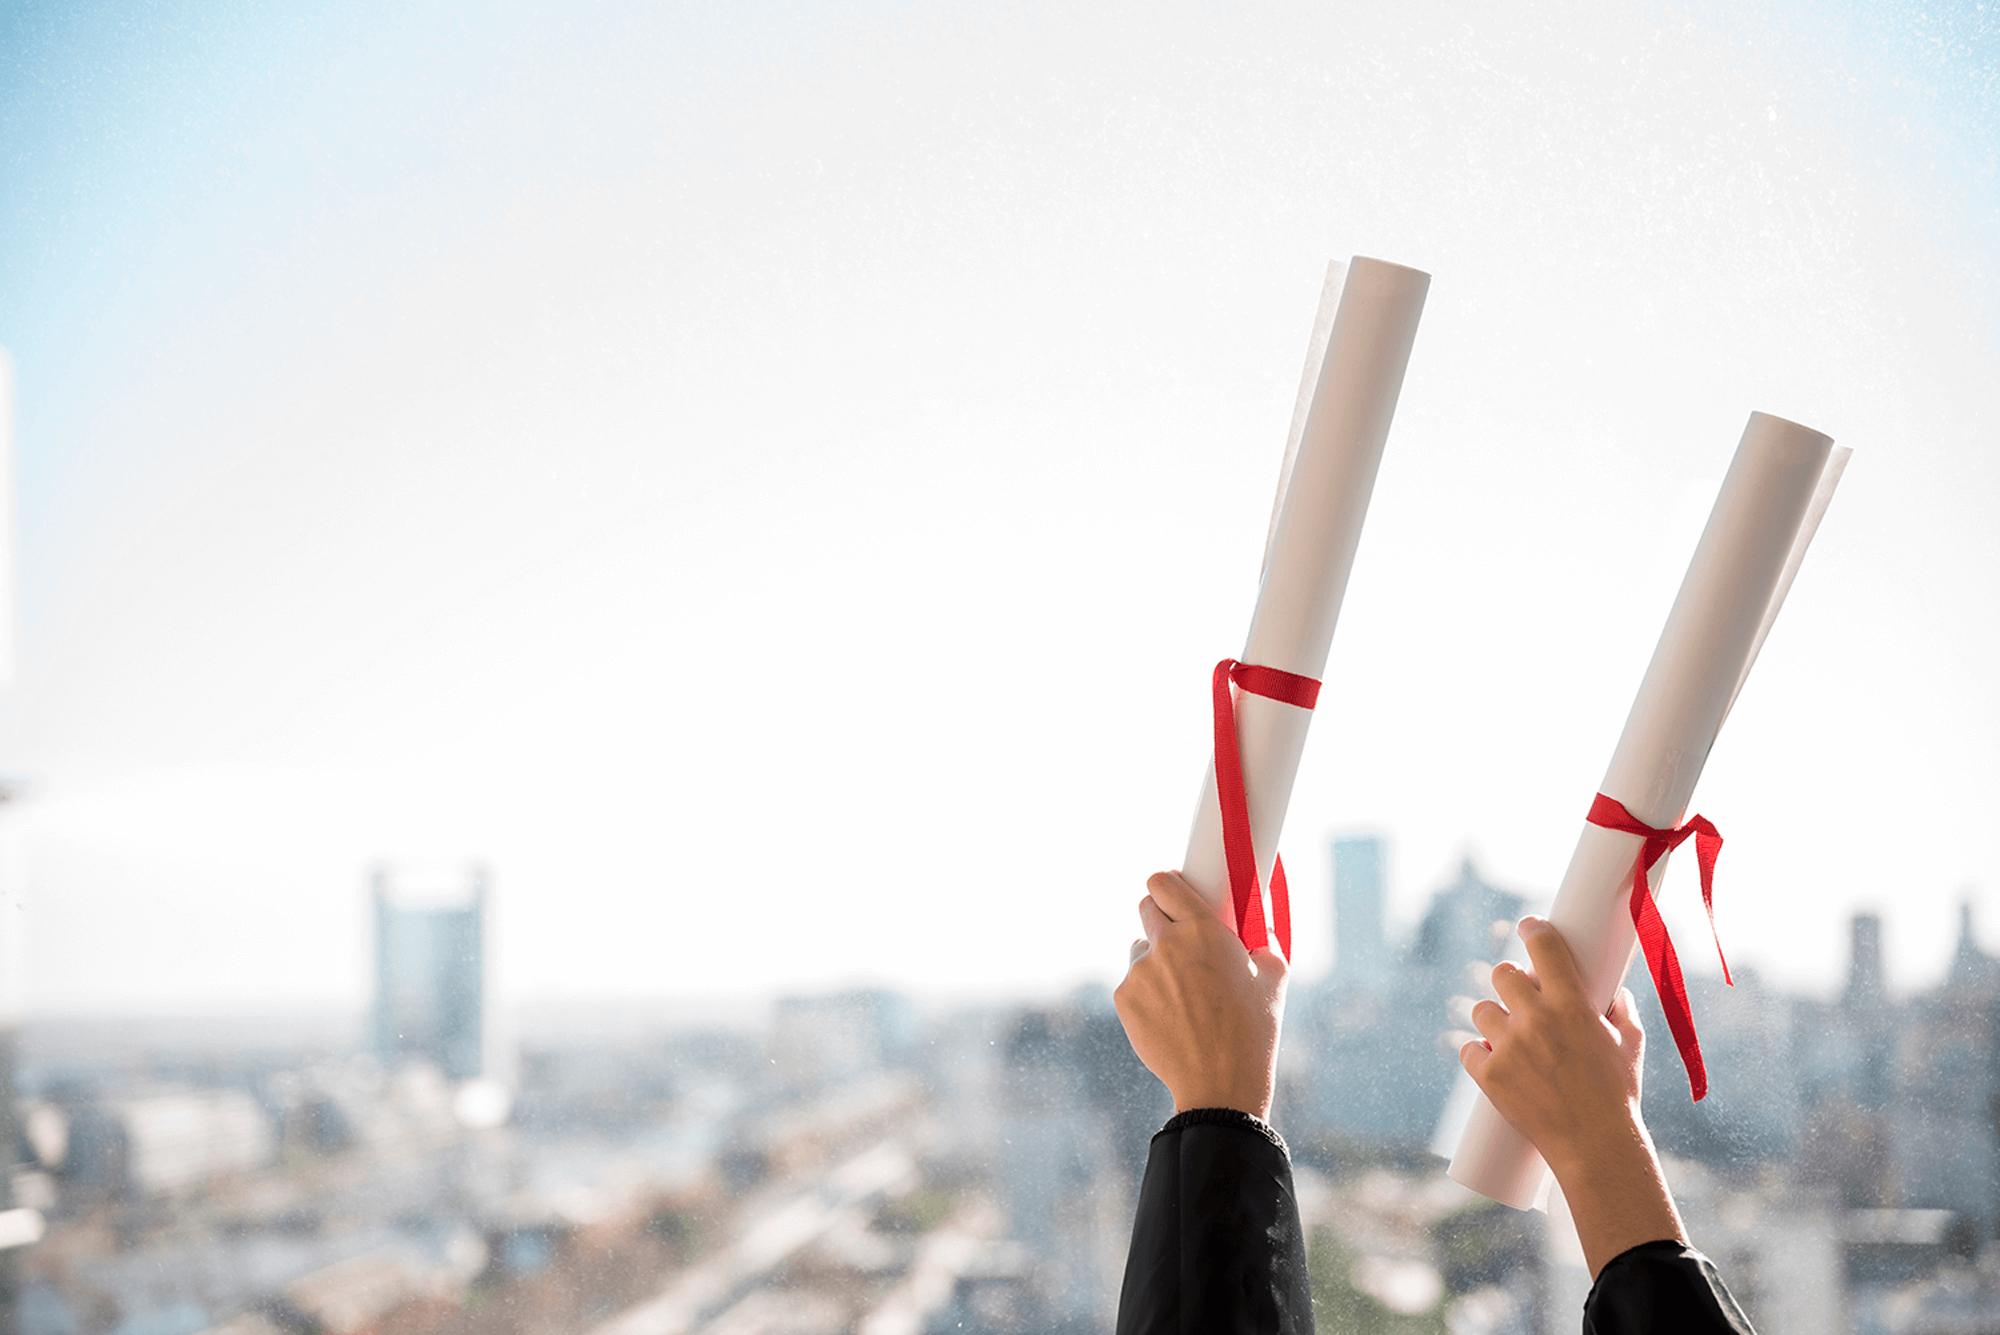 De slimme organisatie | Kennisbank continu verbeteren